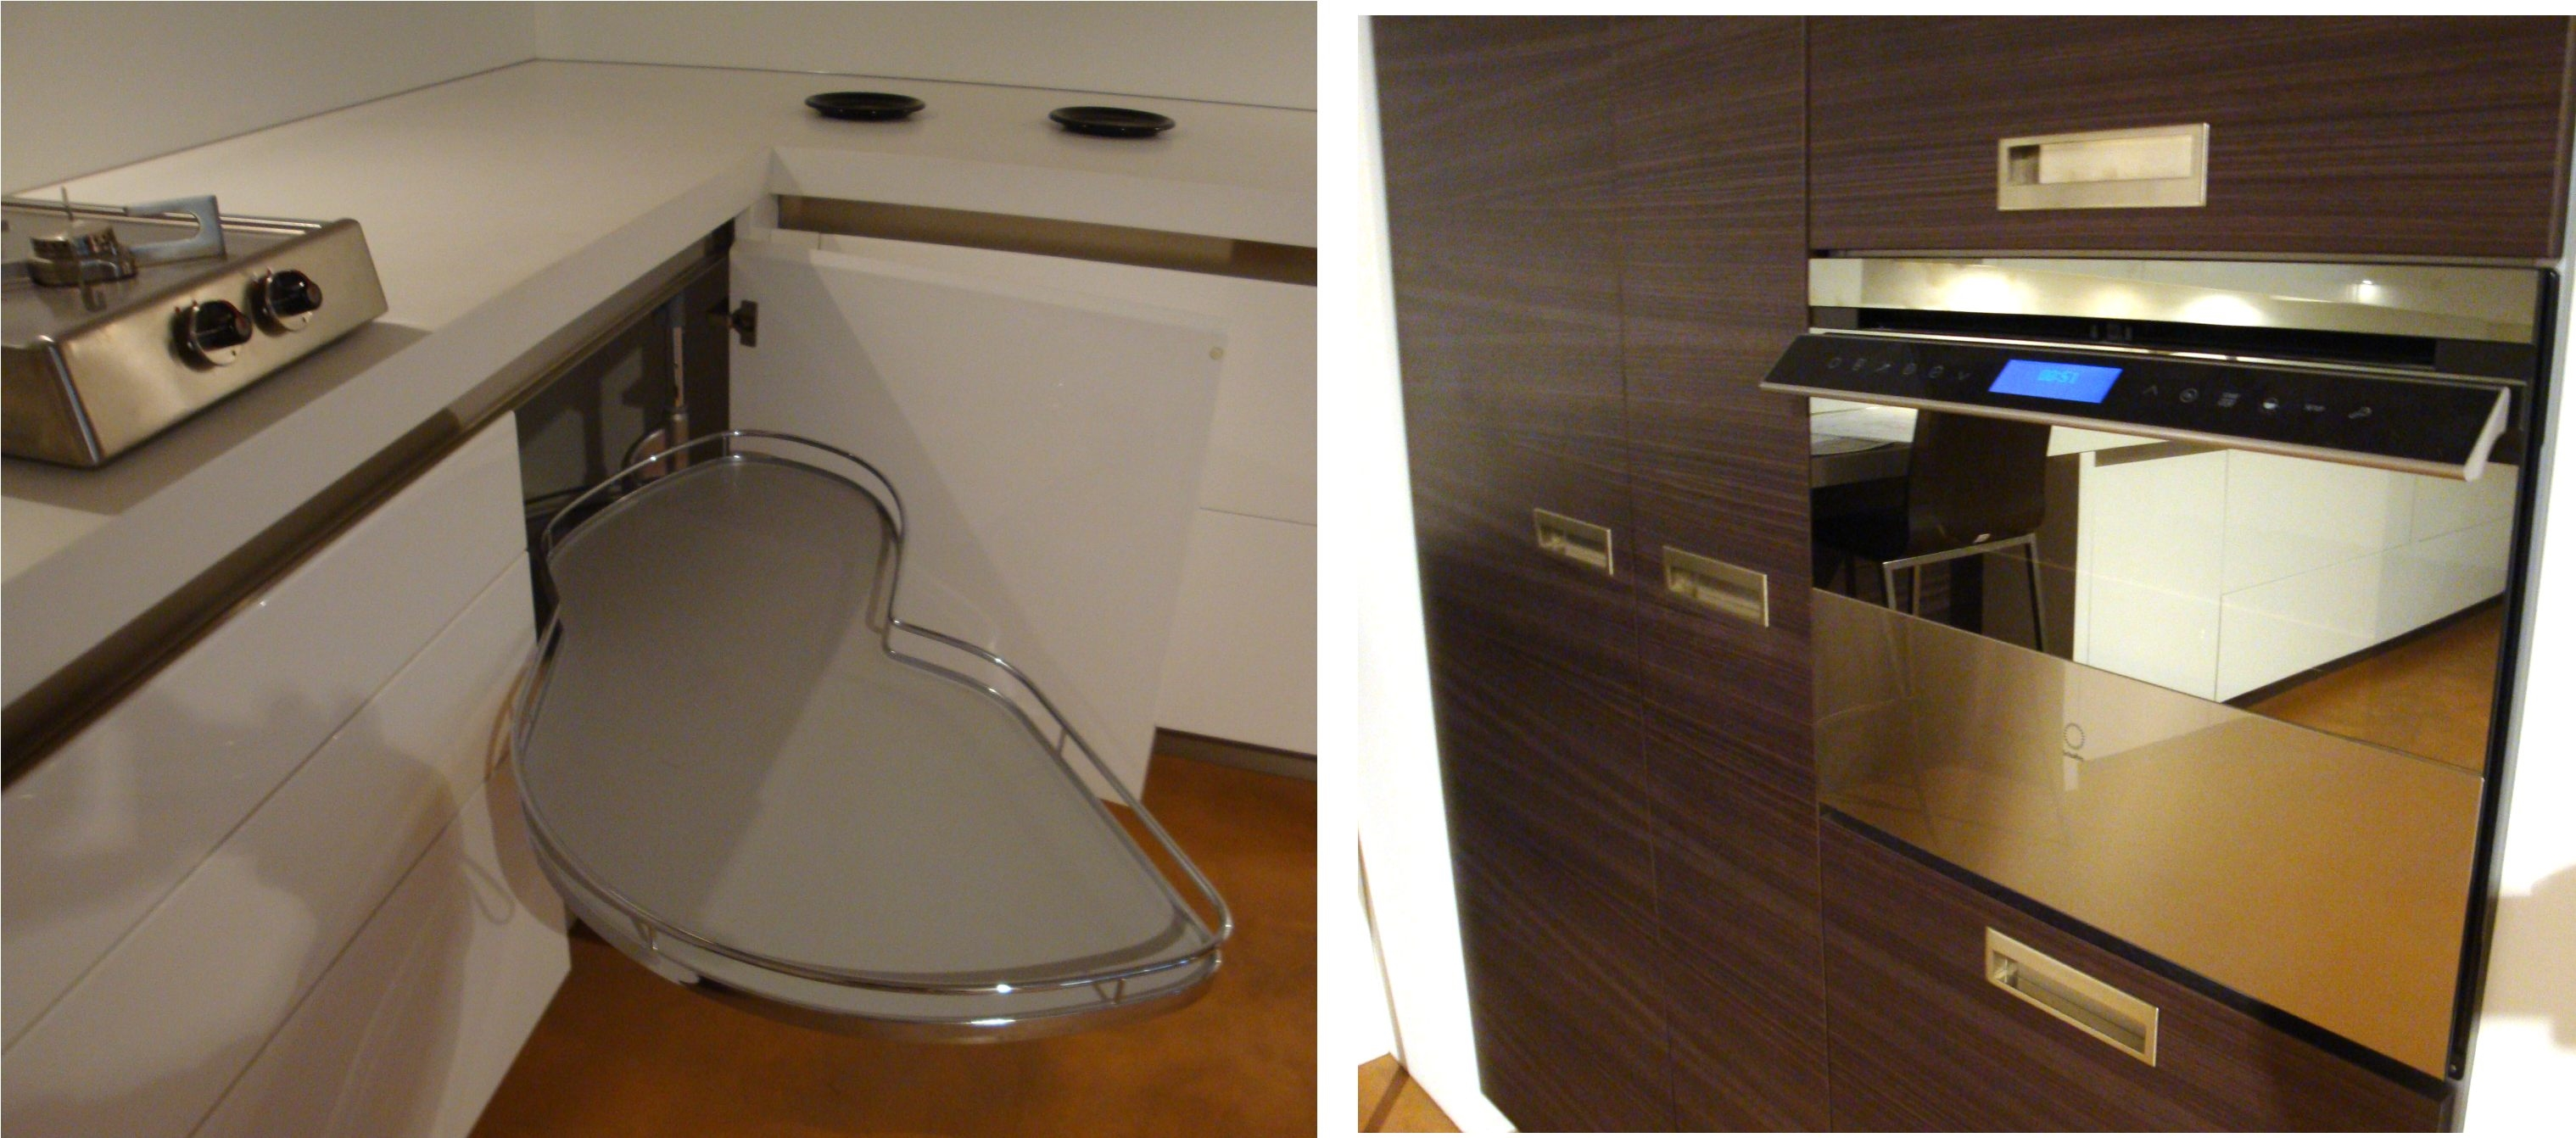 Cucine Ad Angolo Moderne. Cucine Ad Angolo Moderne Con Piano Cottura ...